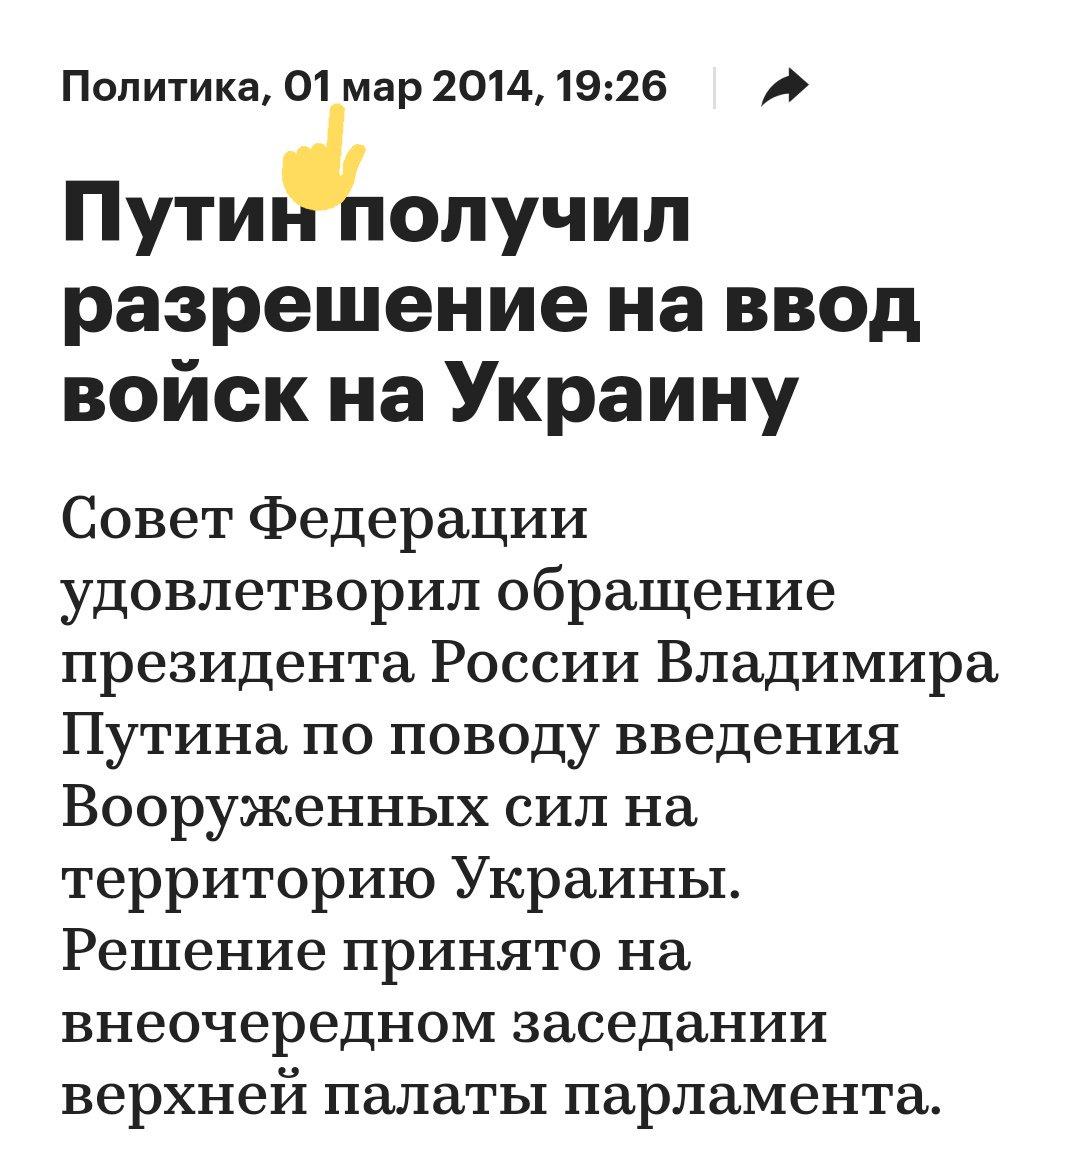 Кабмін планує запровадити режим надзвичайної ситуації по всій Україні на 30 днів, - Шмигаль - Цензор.НЕТ 7428